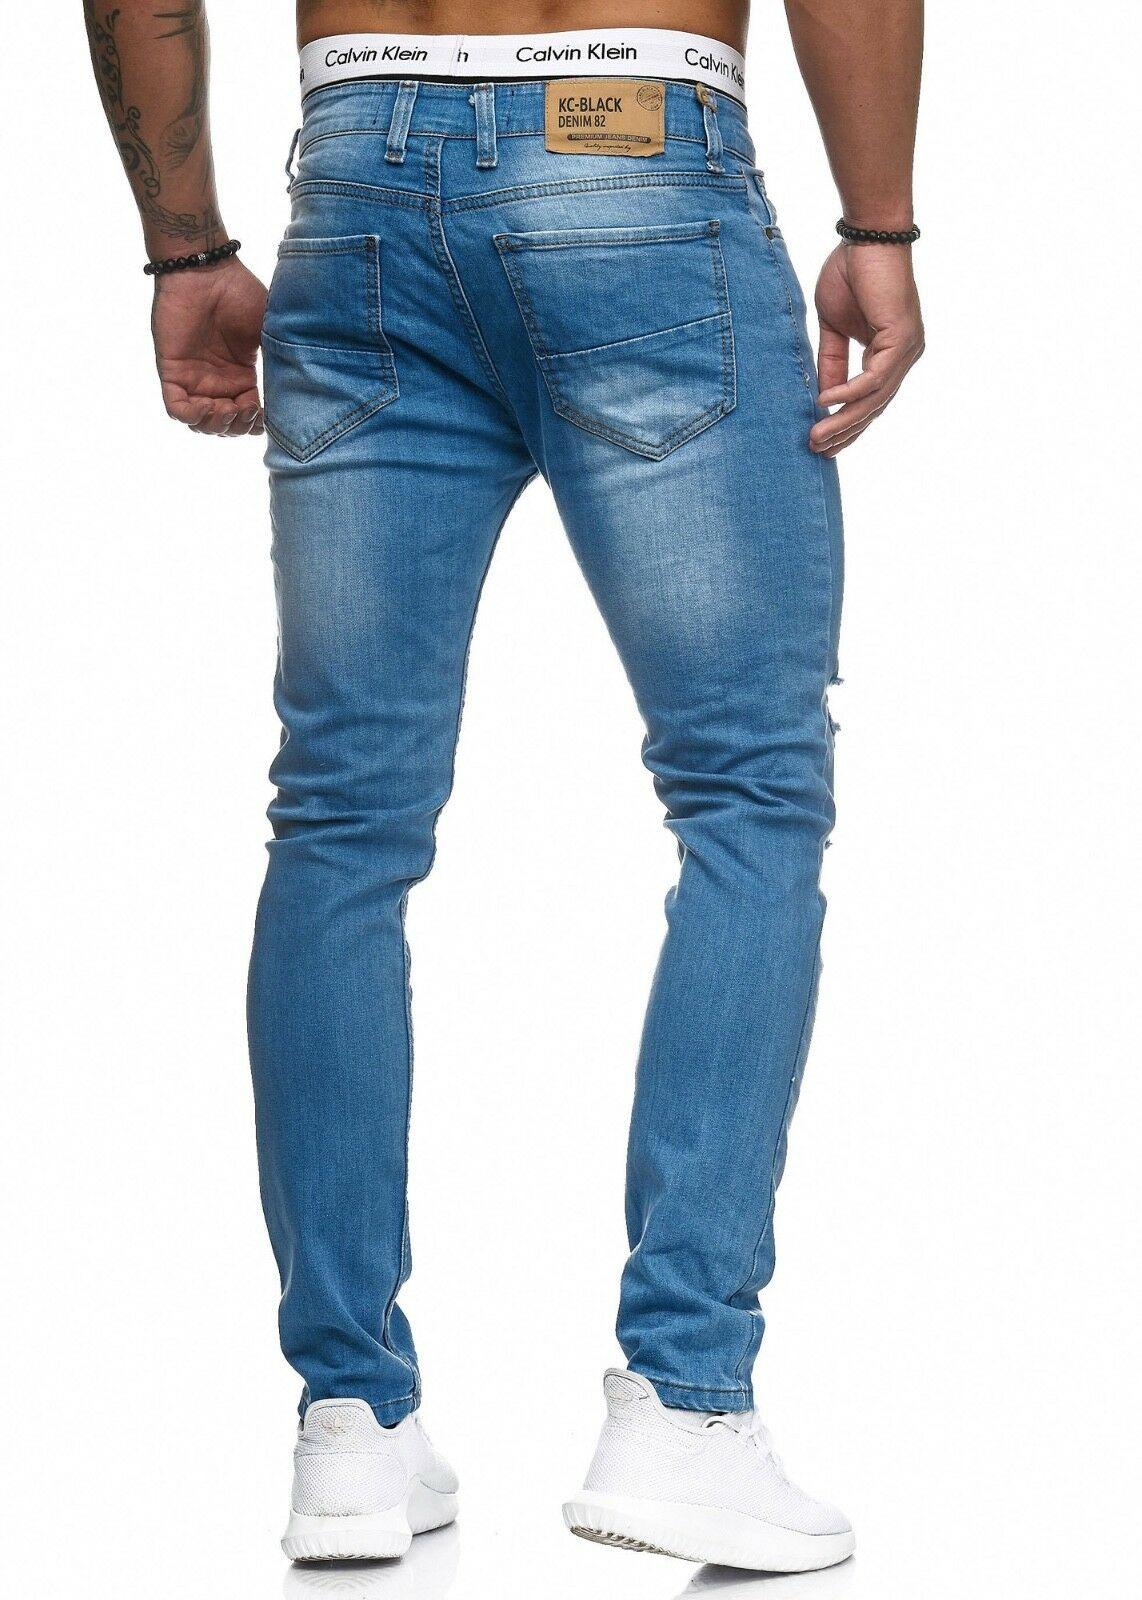 Herren-Jeanshosen-Stretch-Hose-Slim-fit-SKINNY-Jeans-Blau-Schwarz-Grau-Weiss Indexbild 24